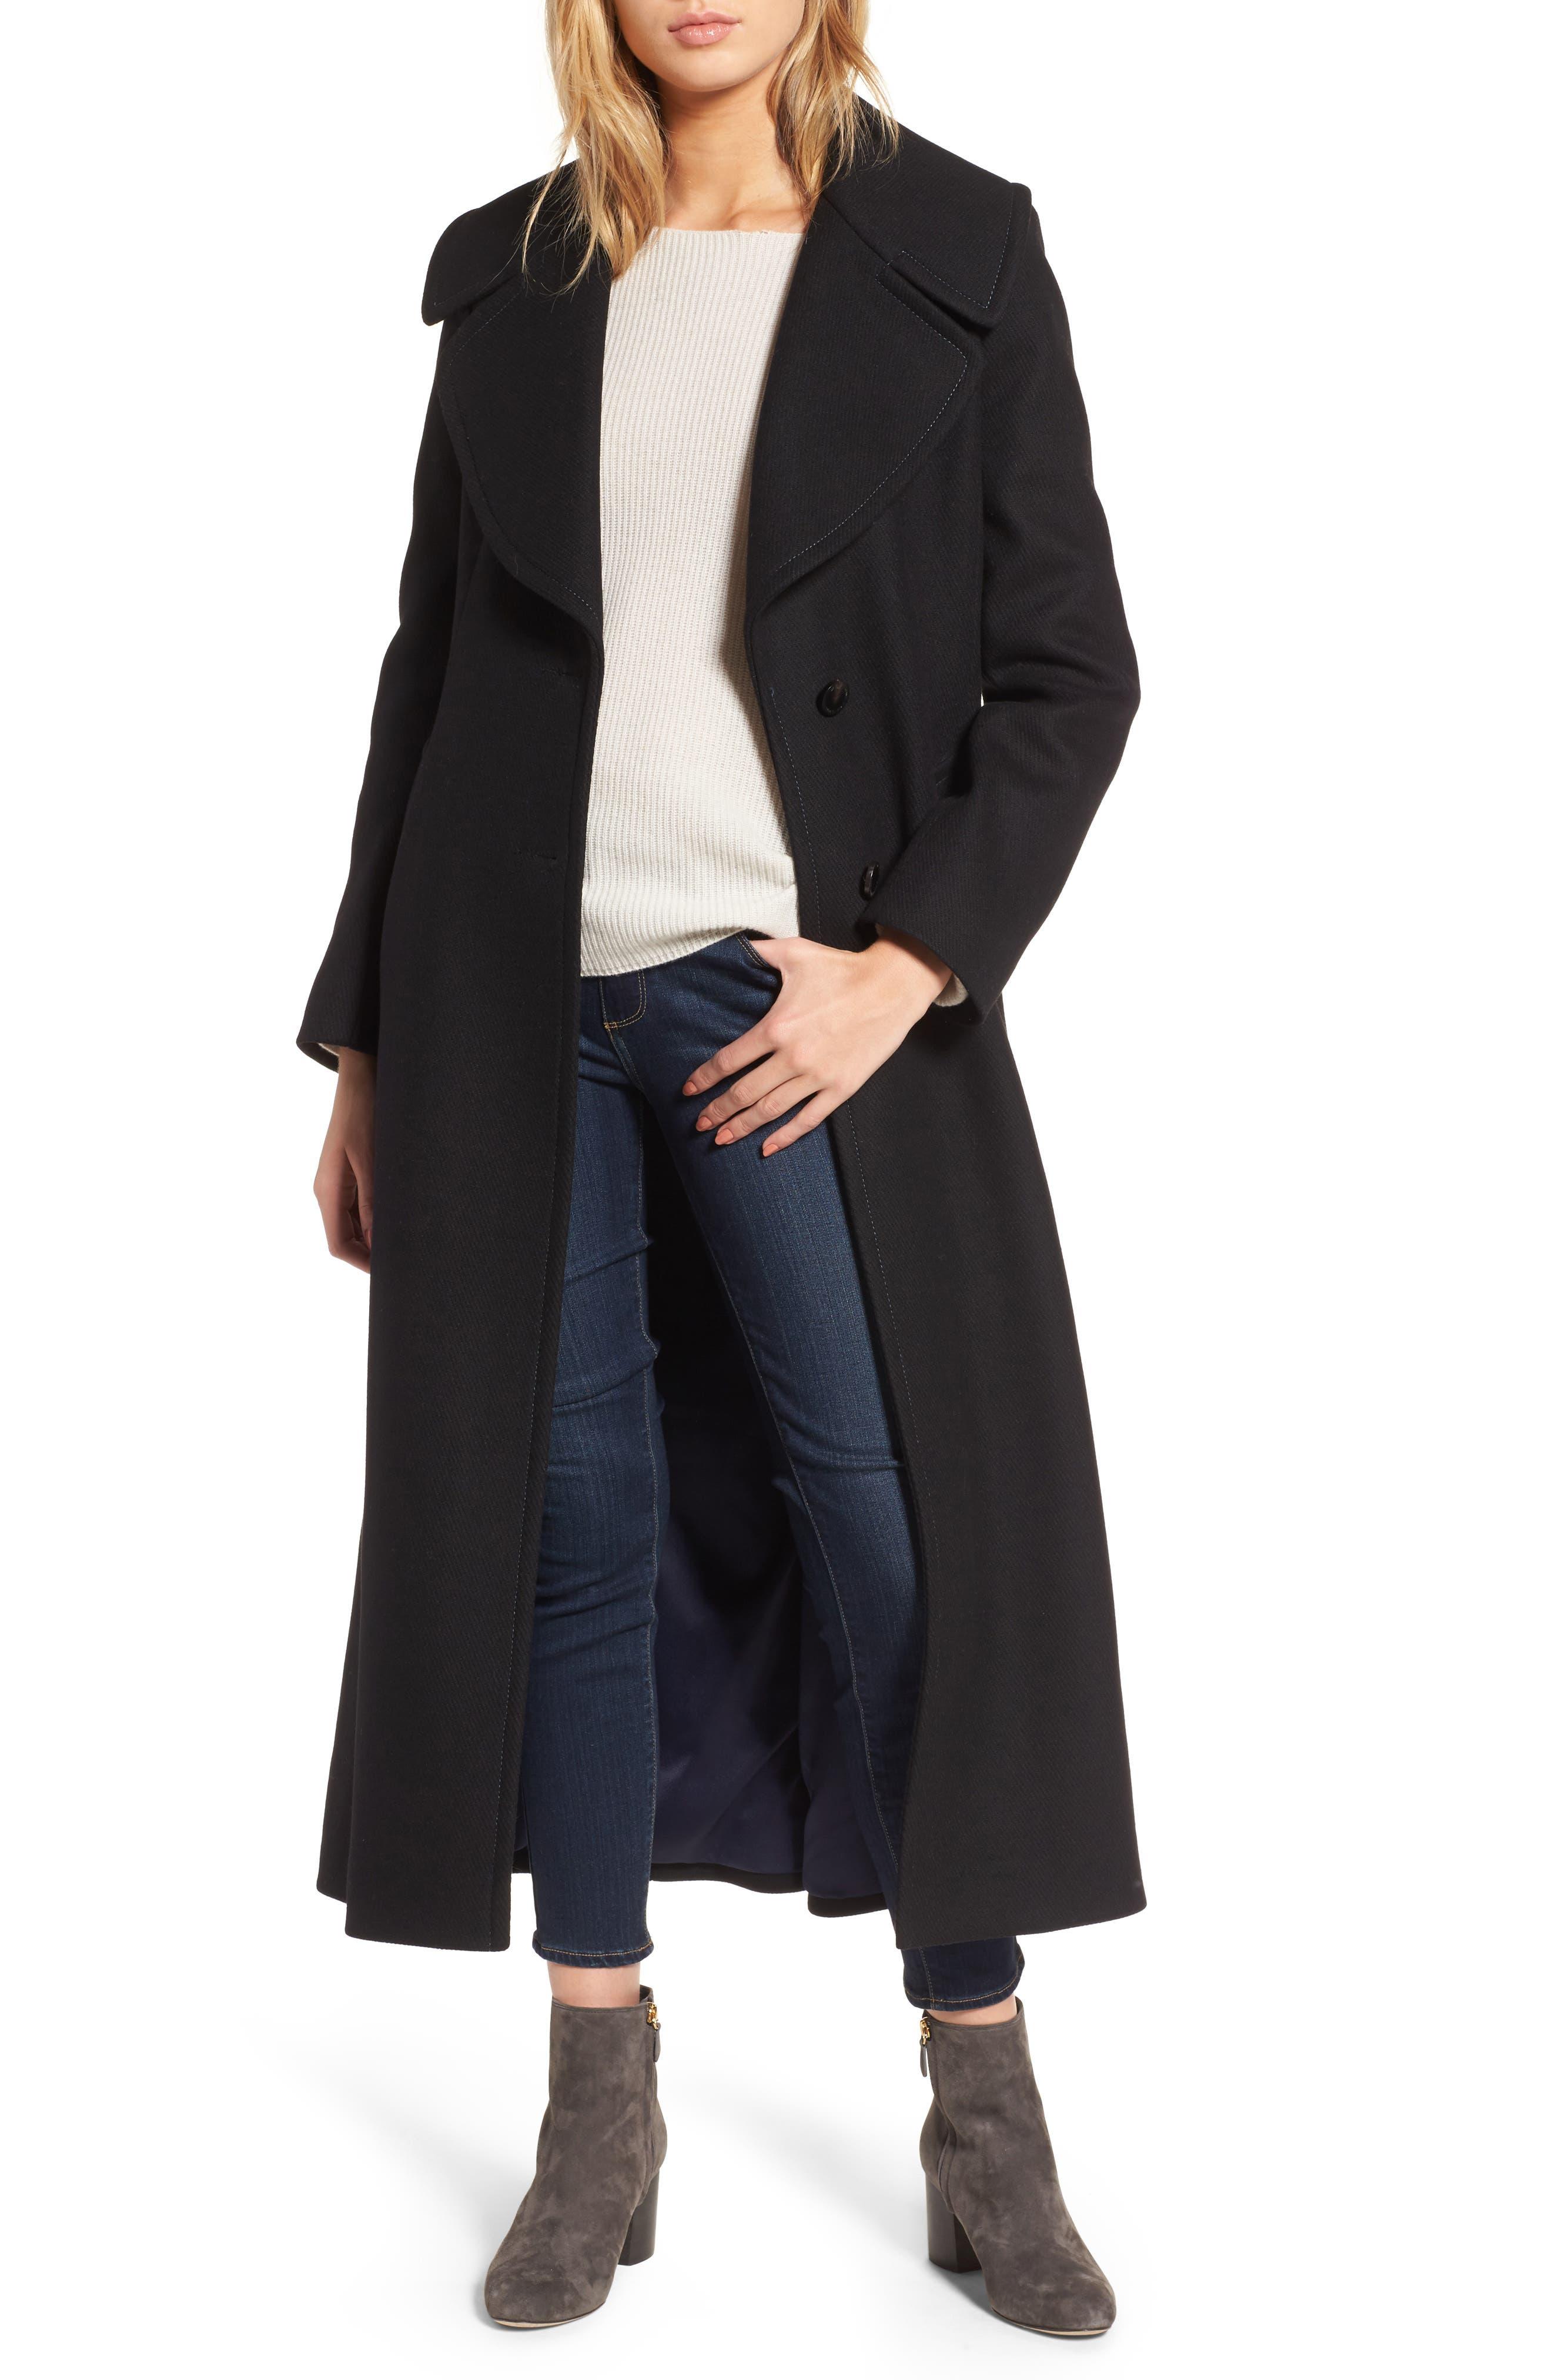 Diane Von Furstenberg Maxi Coat